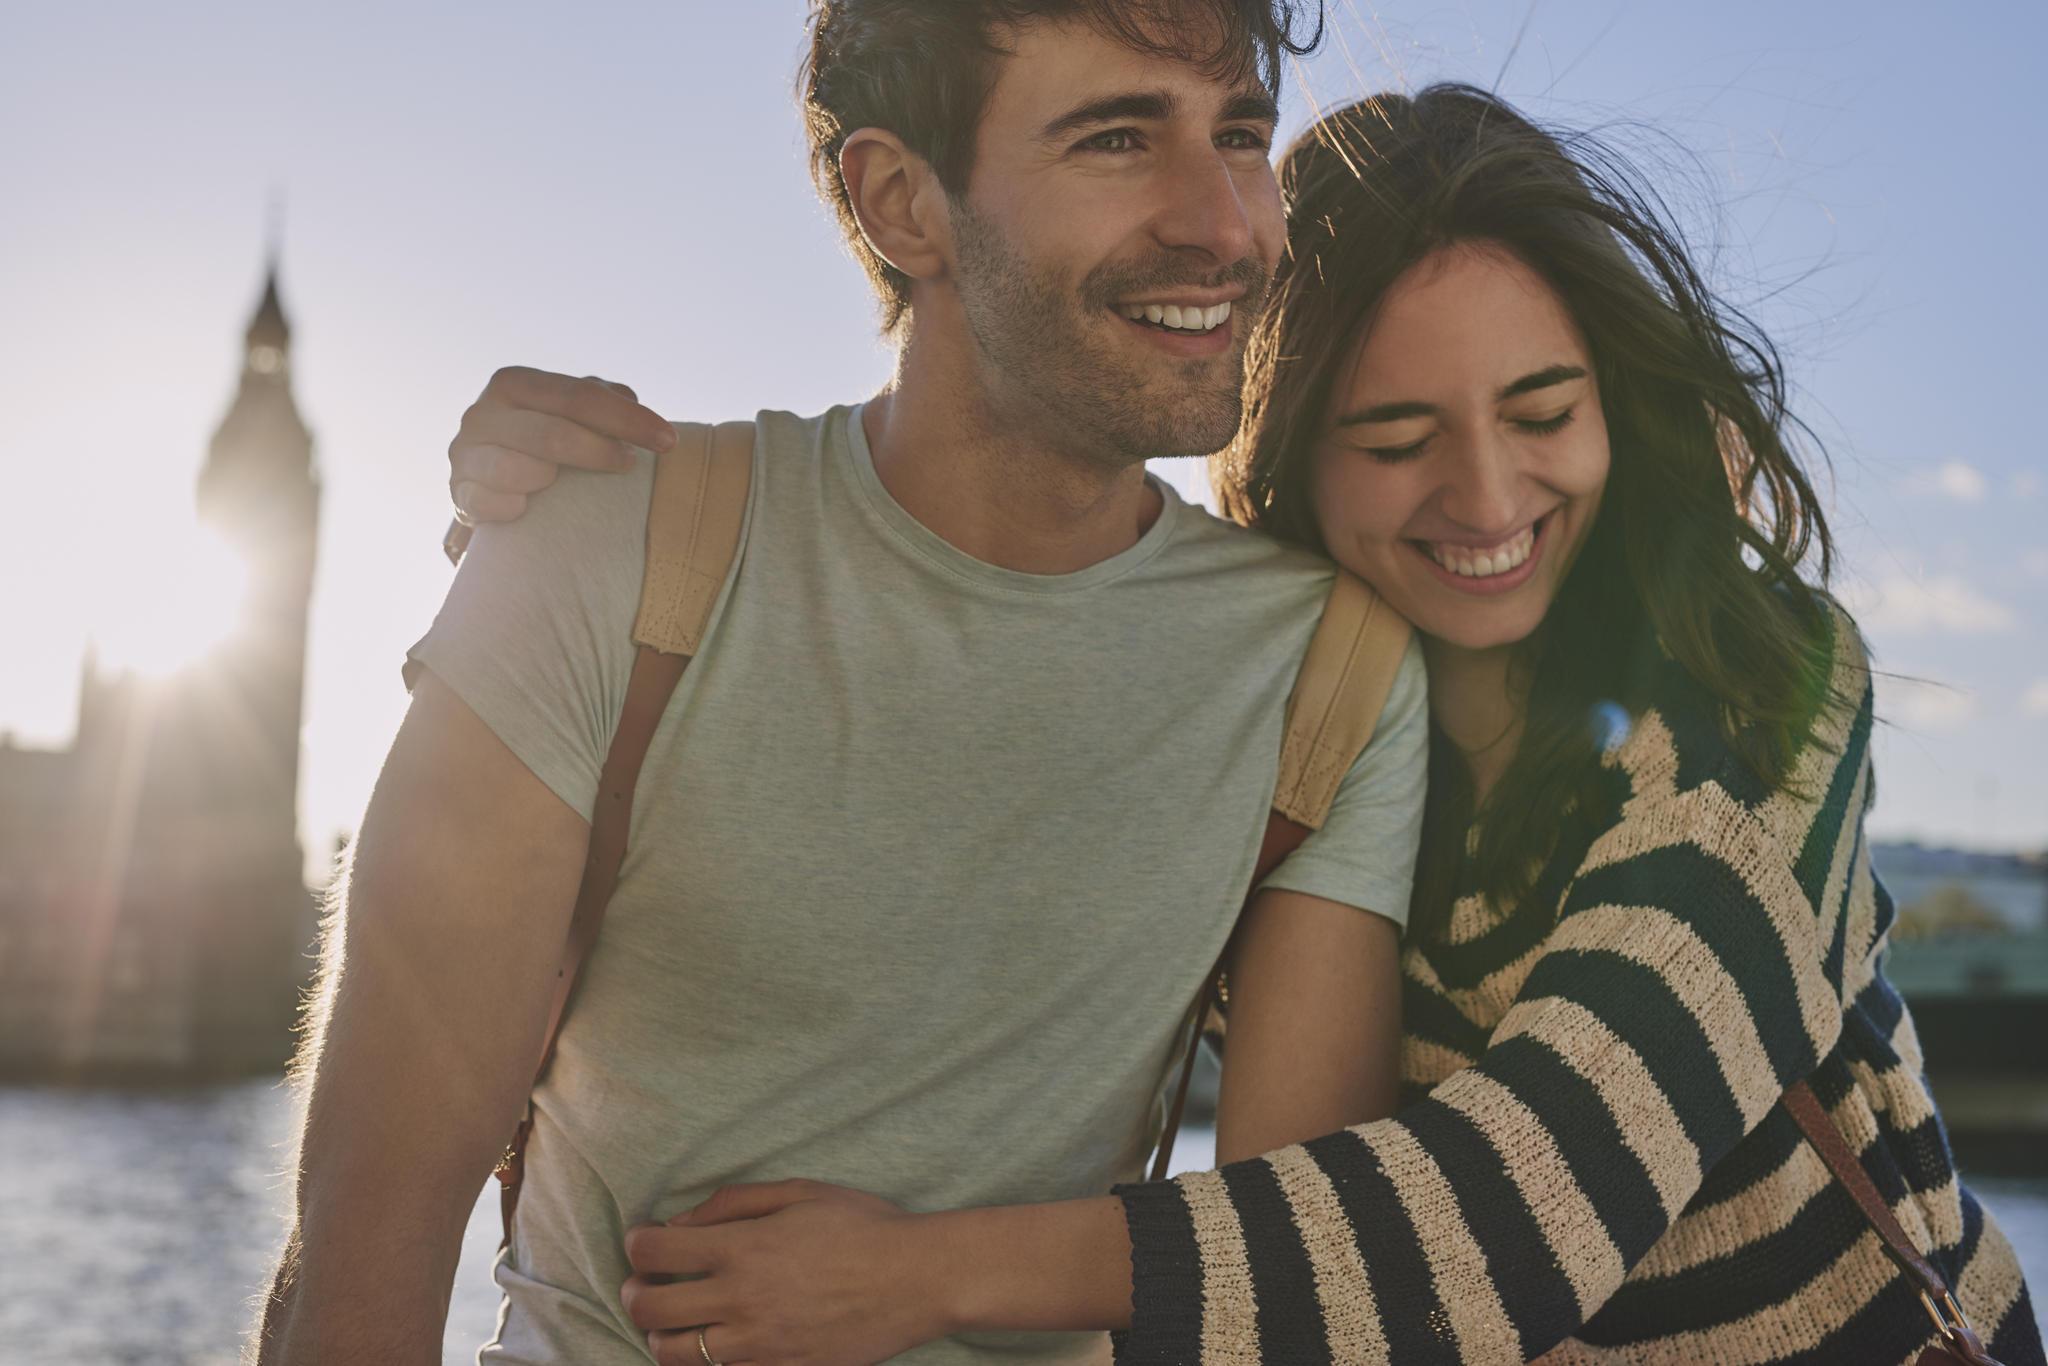 Ist Ihre Beziehung fit für den Urlaub?